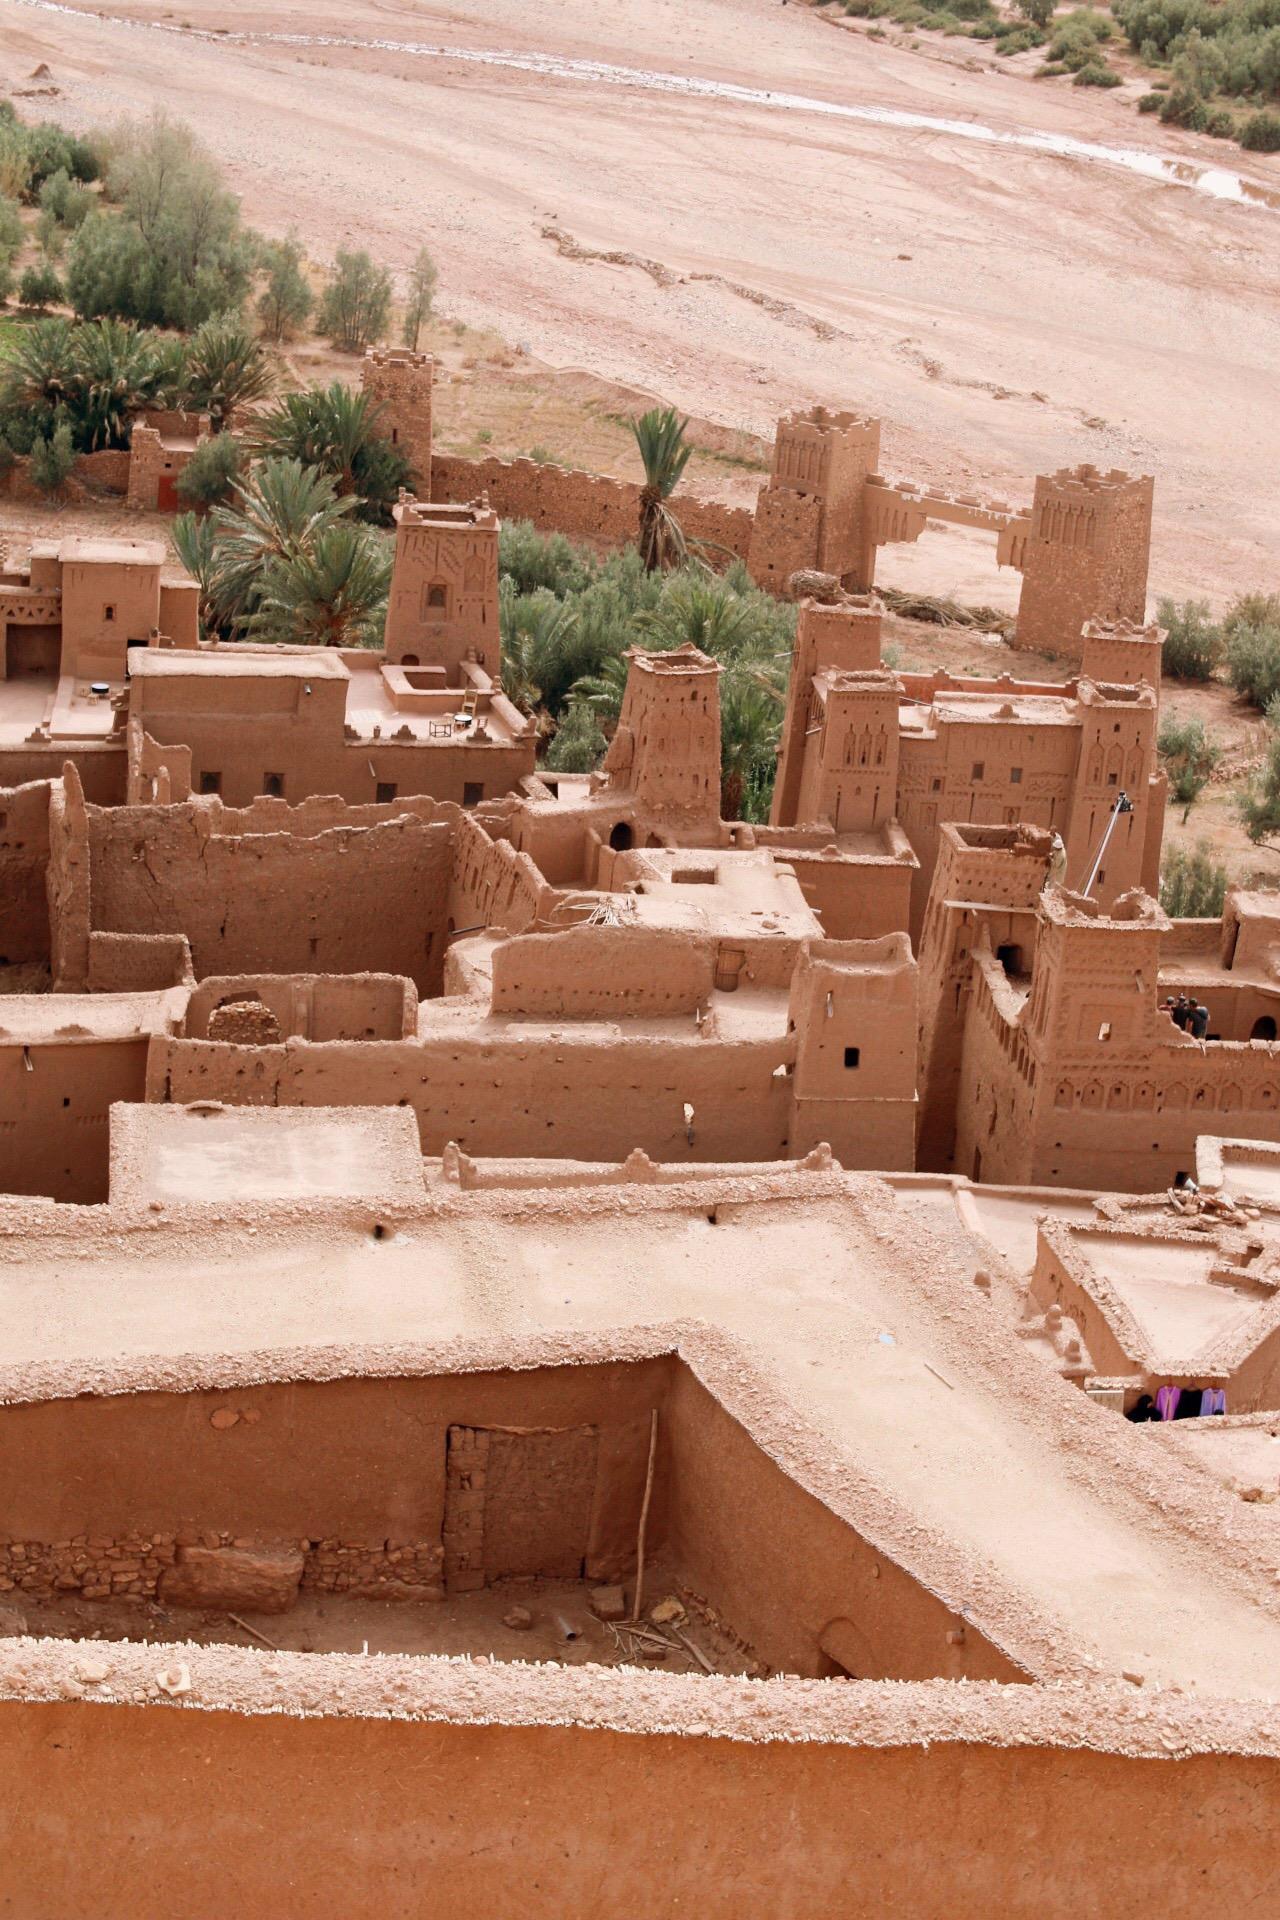 DESERT LIFE - The casbahs of Taourirt an Ouarzazarte